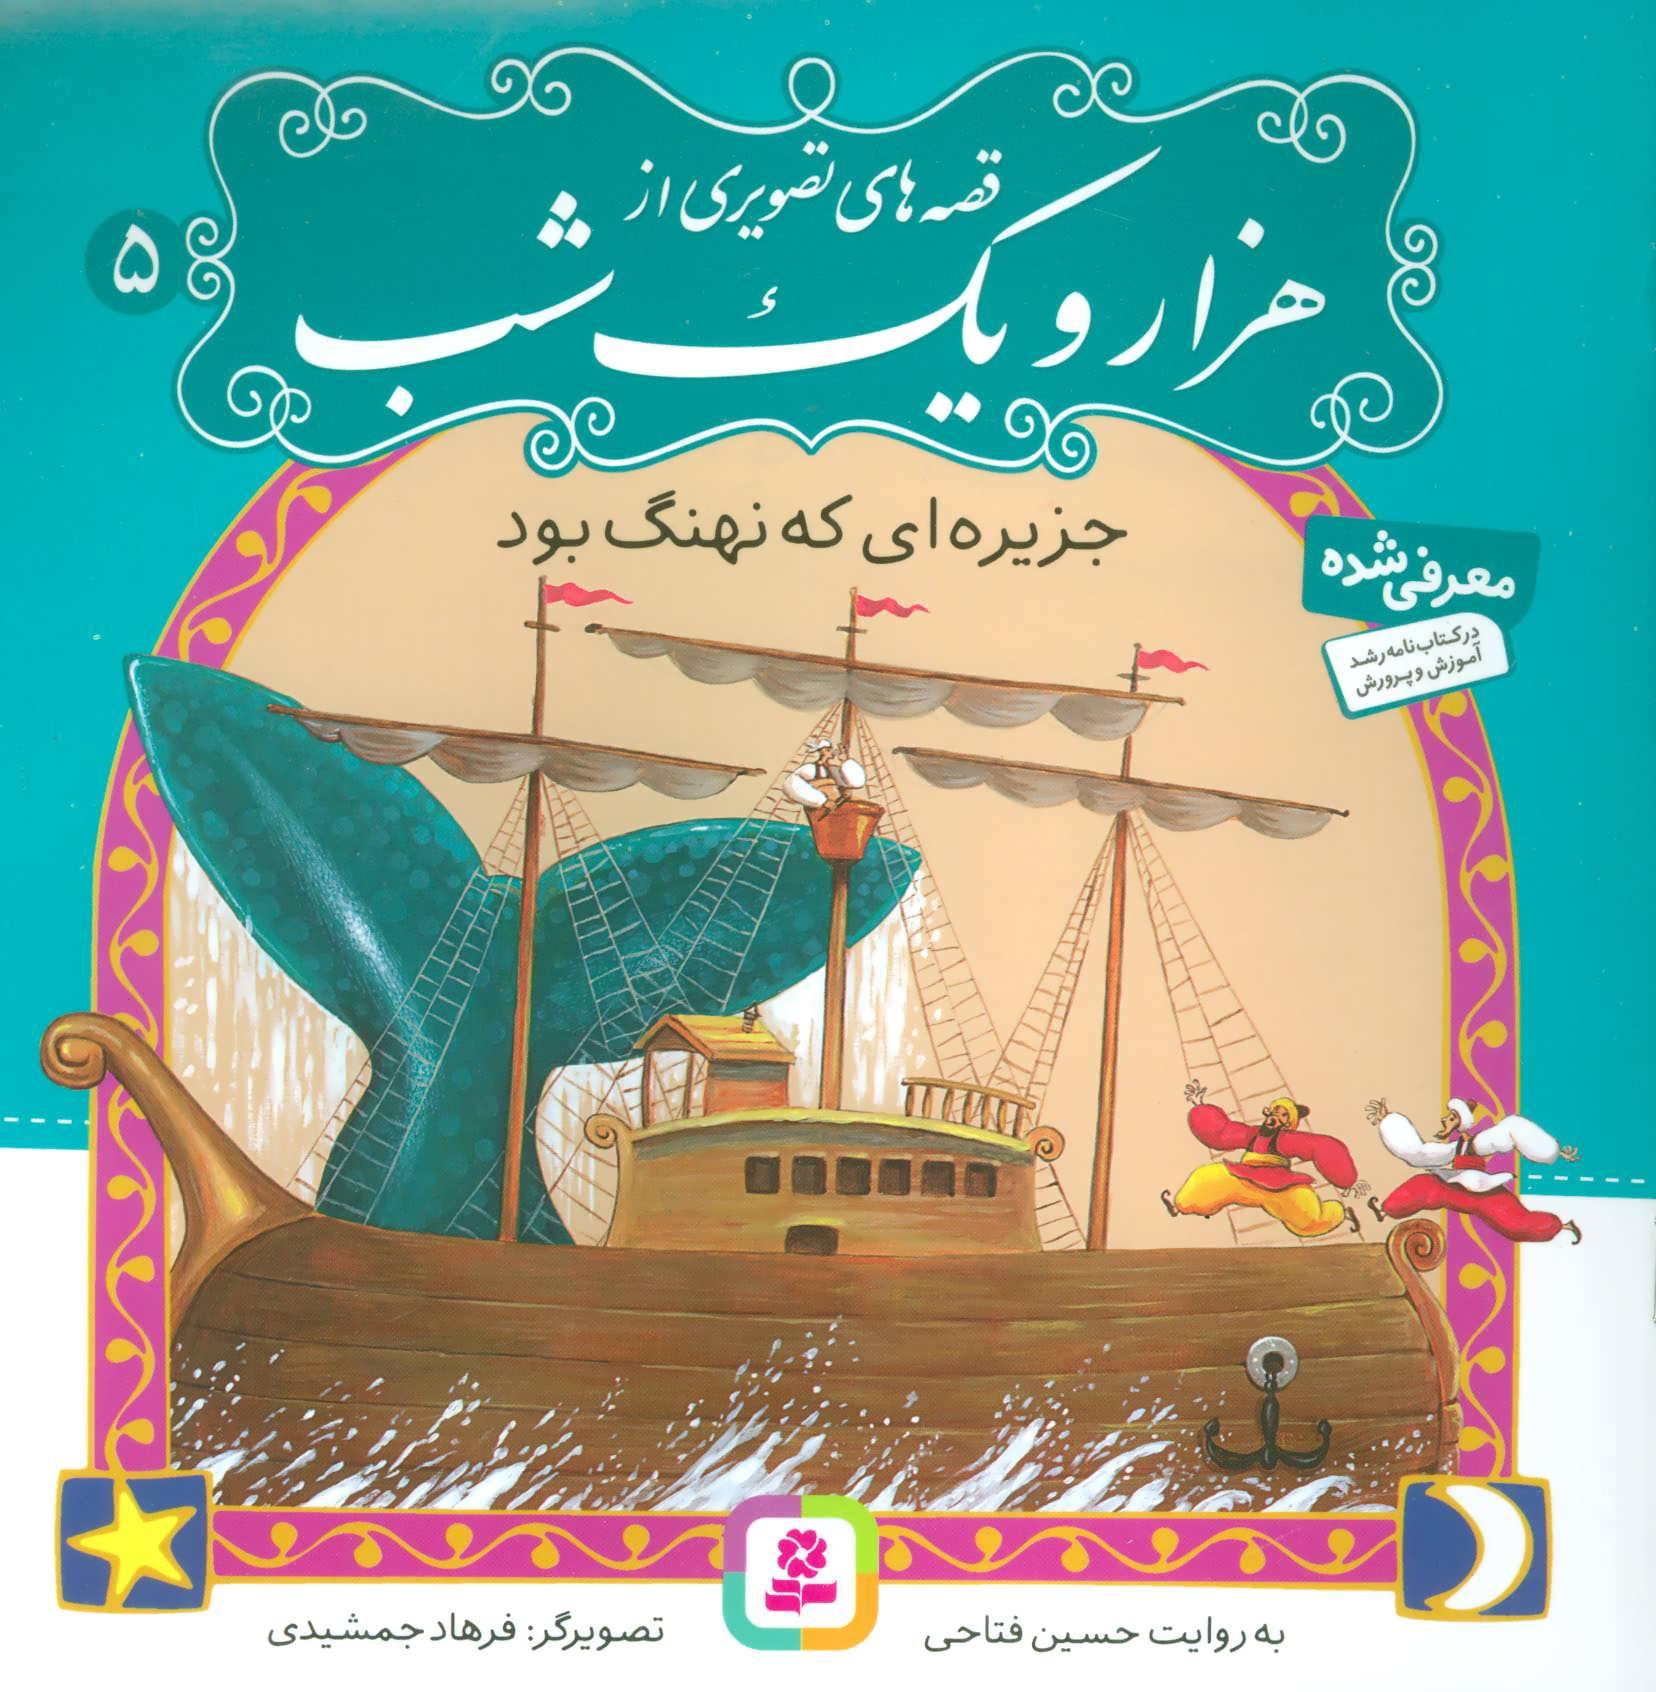 کتاب جزیرهای که نهنگ بود